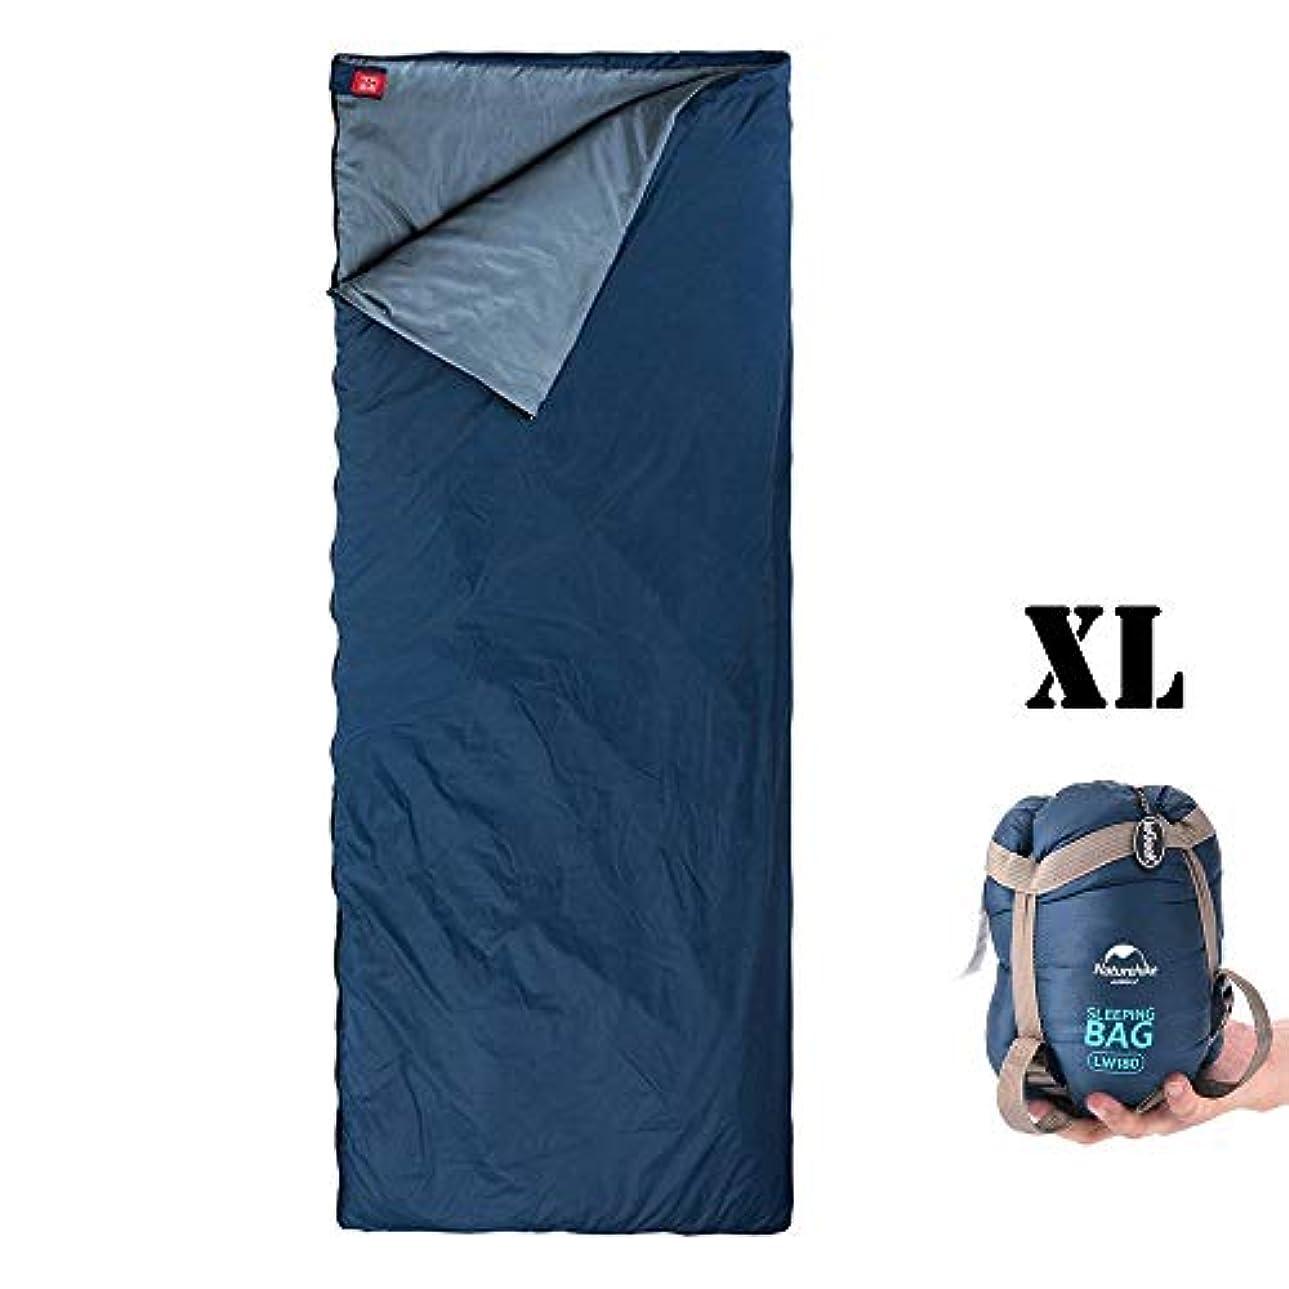 賭け殺す素子ieGeek Sleeping Bag, Lightweight Envelope Sleeping Bags with Compression Sack Portable Waterproof for 3 Season Travel Camping Hiking Backpacking Outdoor Activities,Ultra-Large for Kid/Adults (Blue) [並行輸入品]